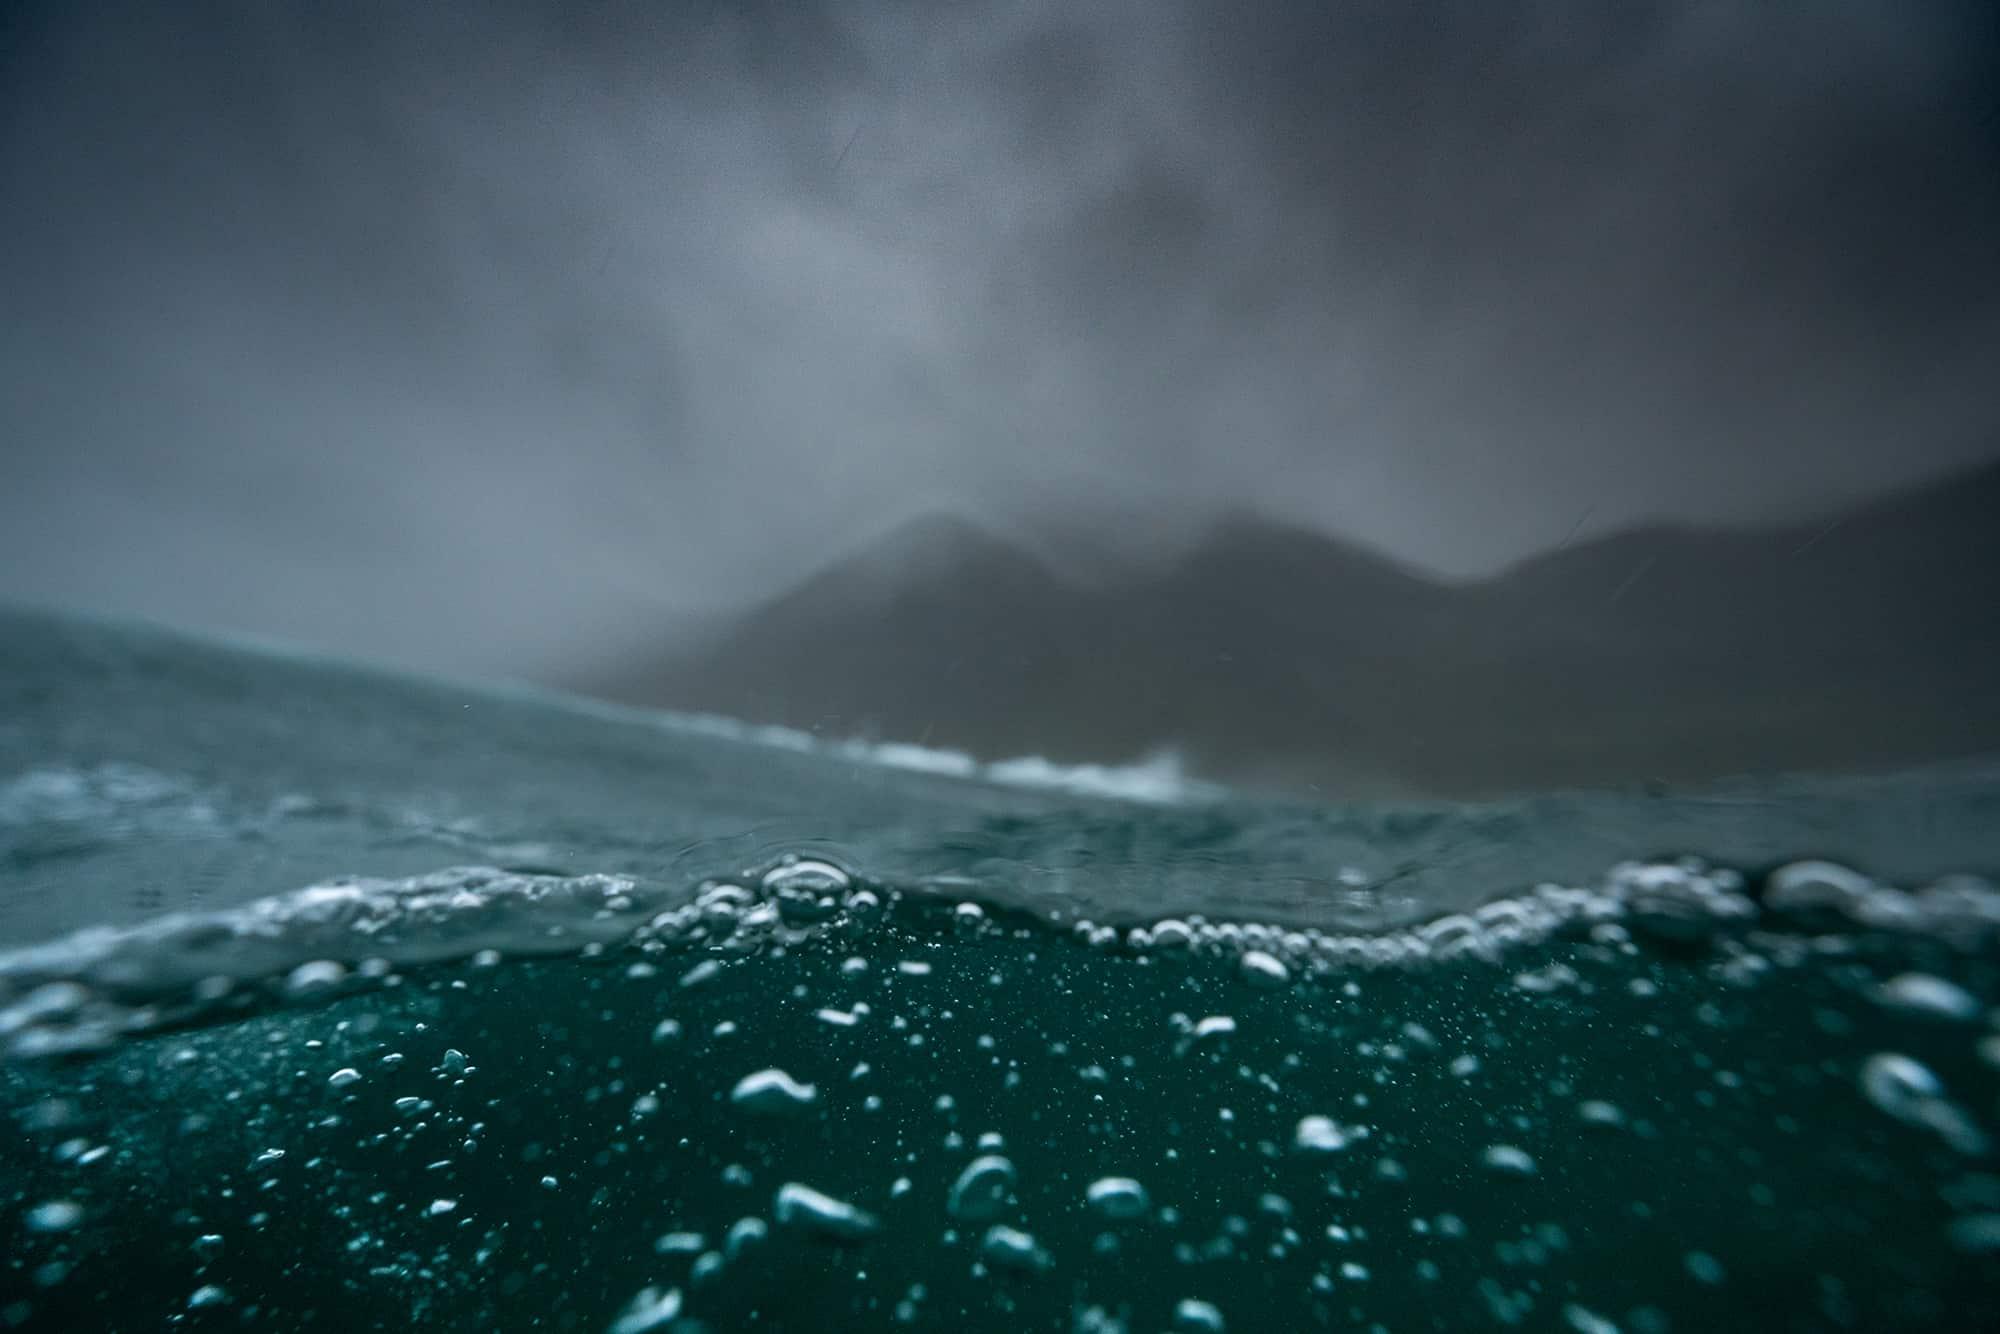 Bølger, hav og vann i Hoddevik